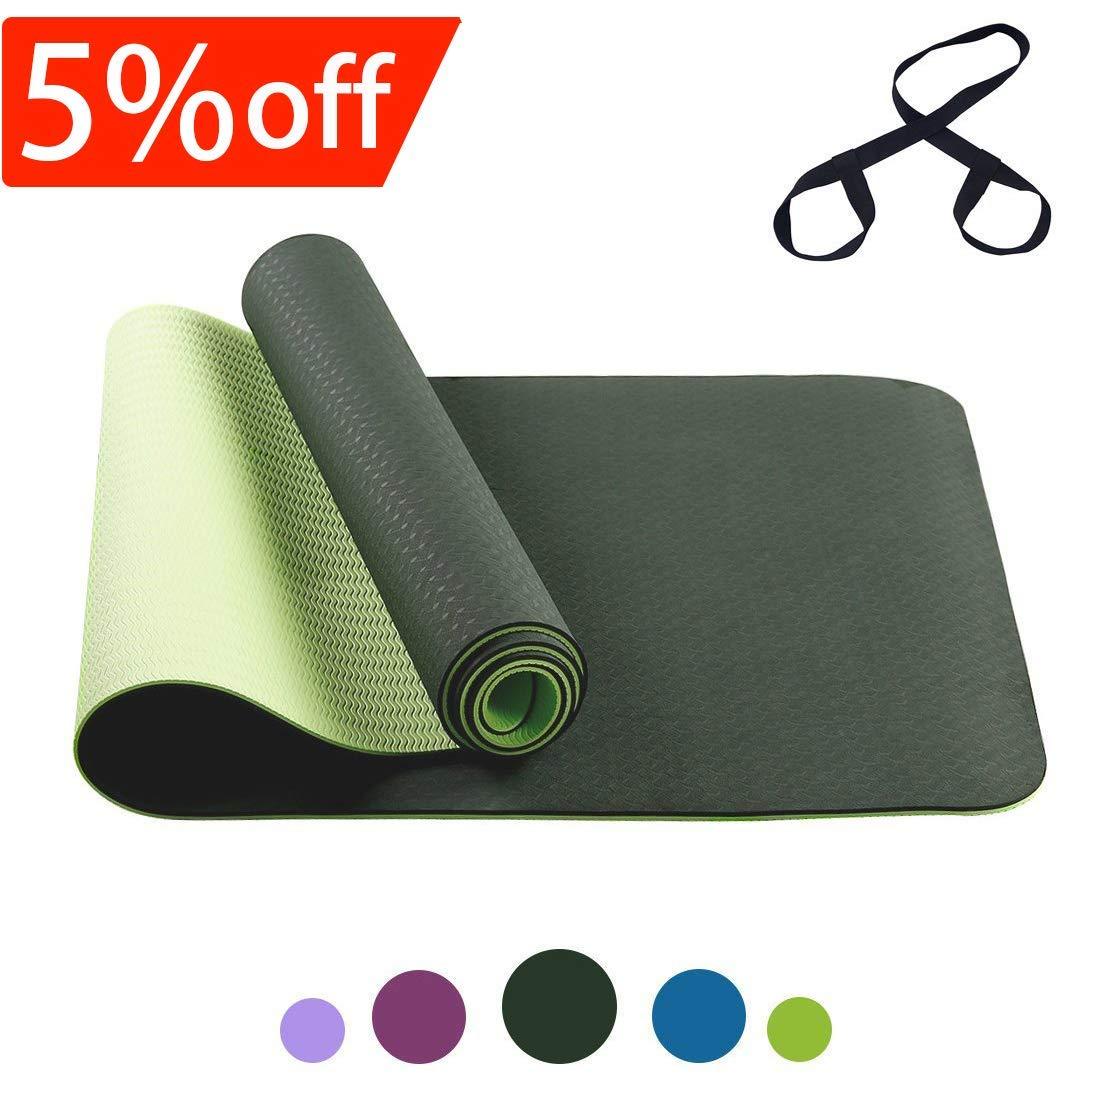 10 Cheap Yoga Mats 2021 - Under $30 & $50 - BudgetReport